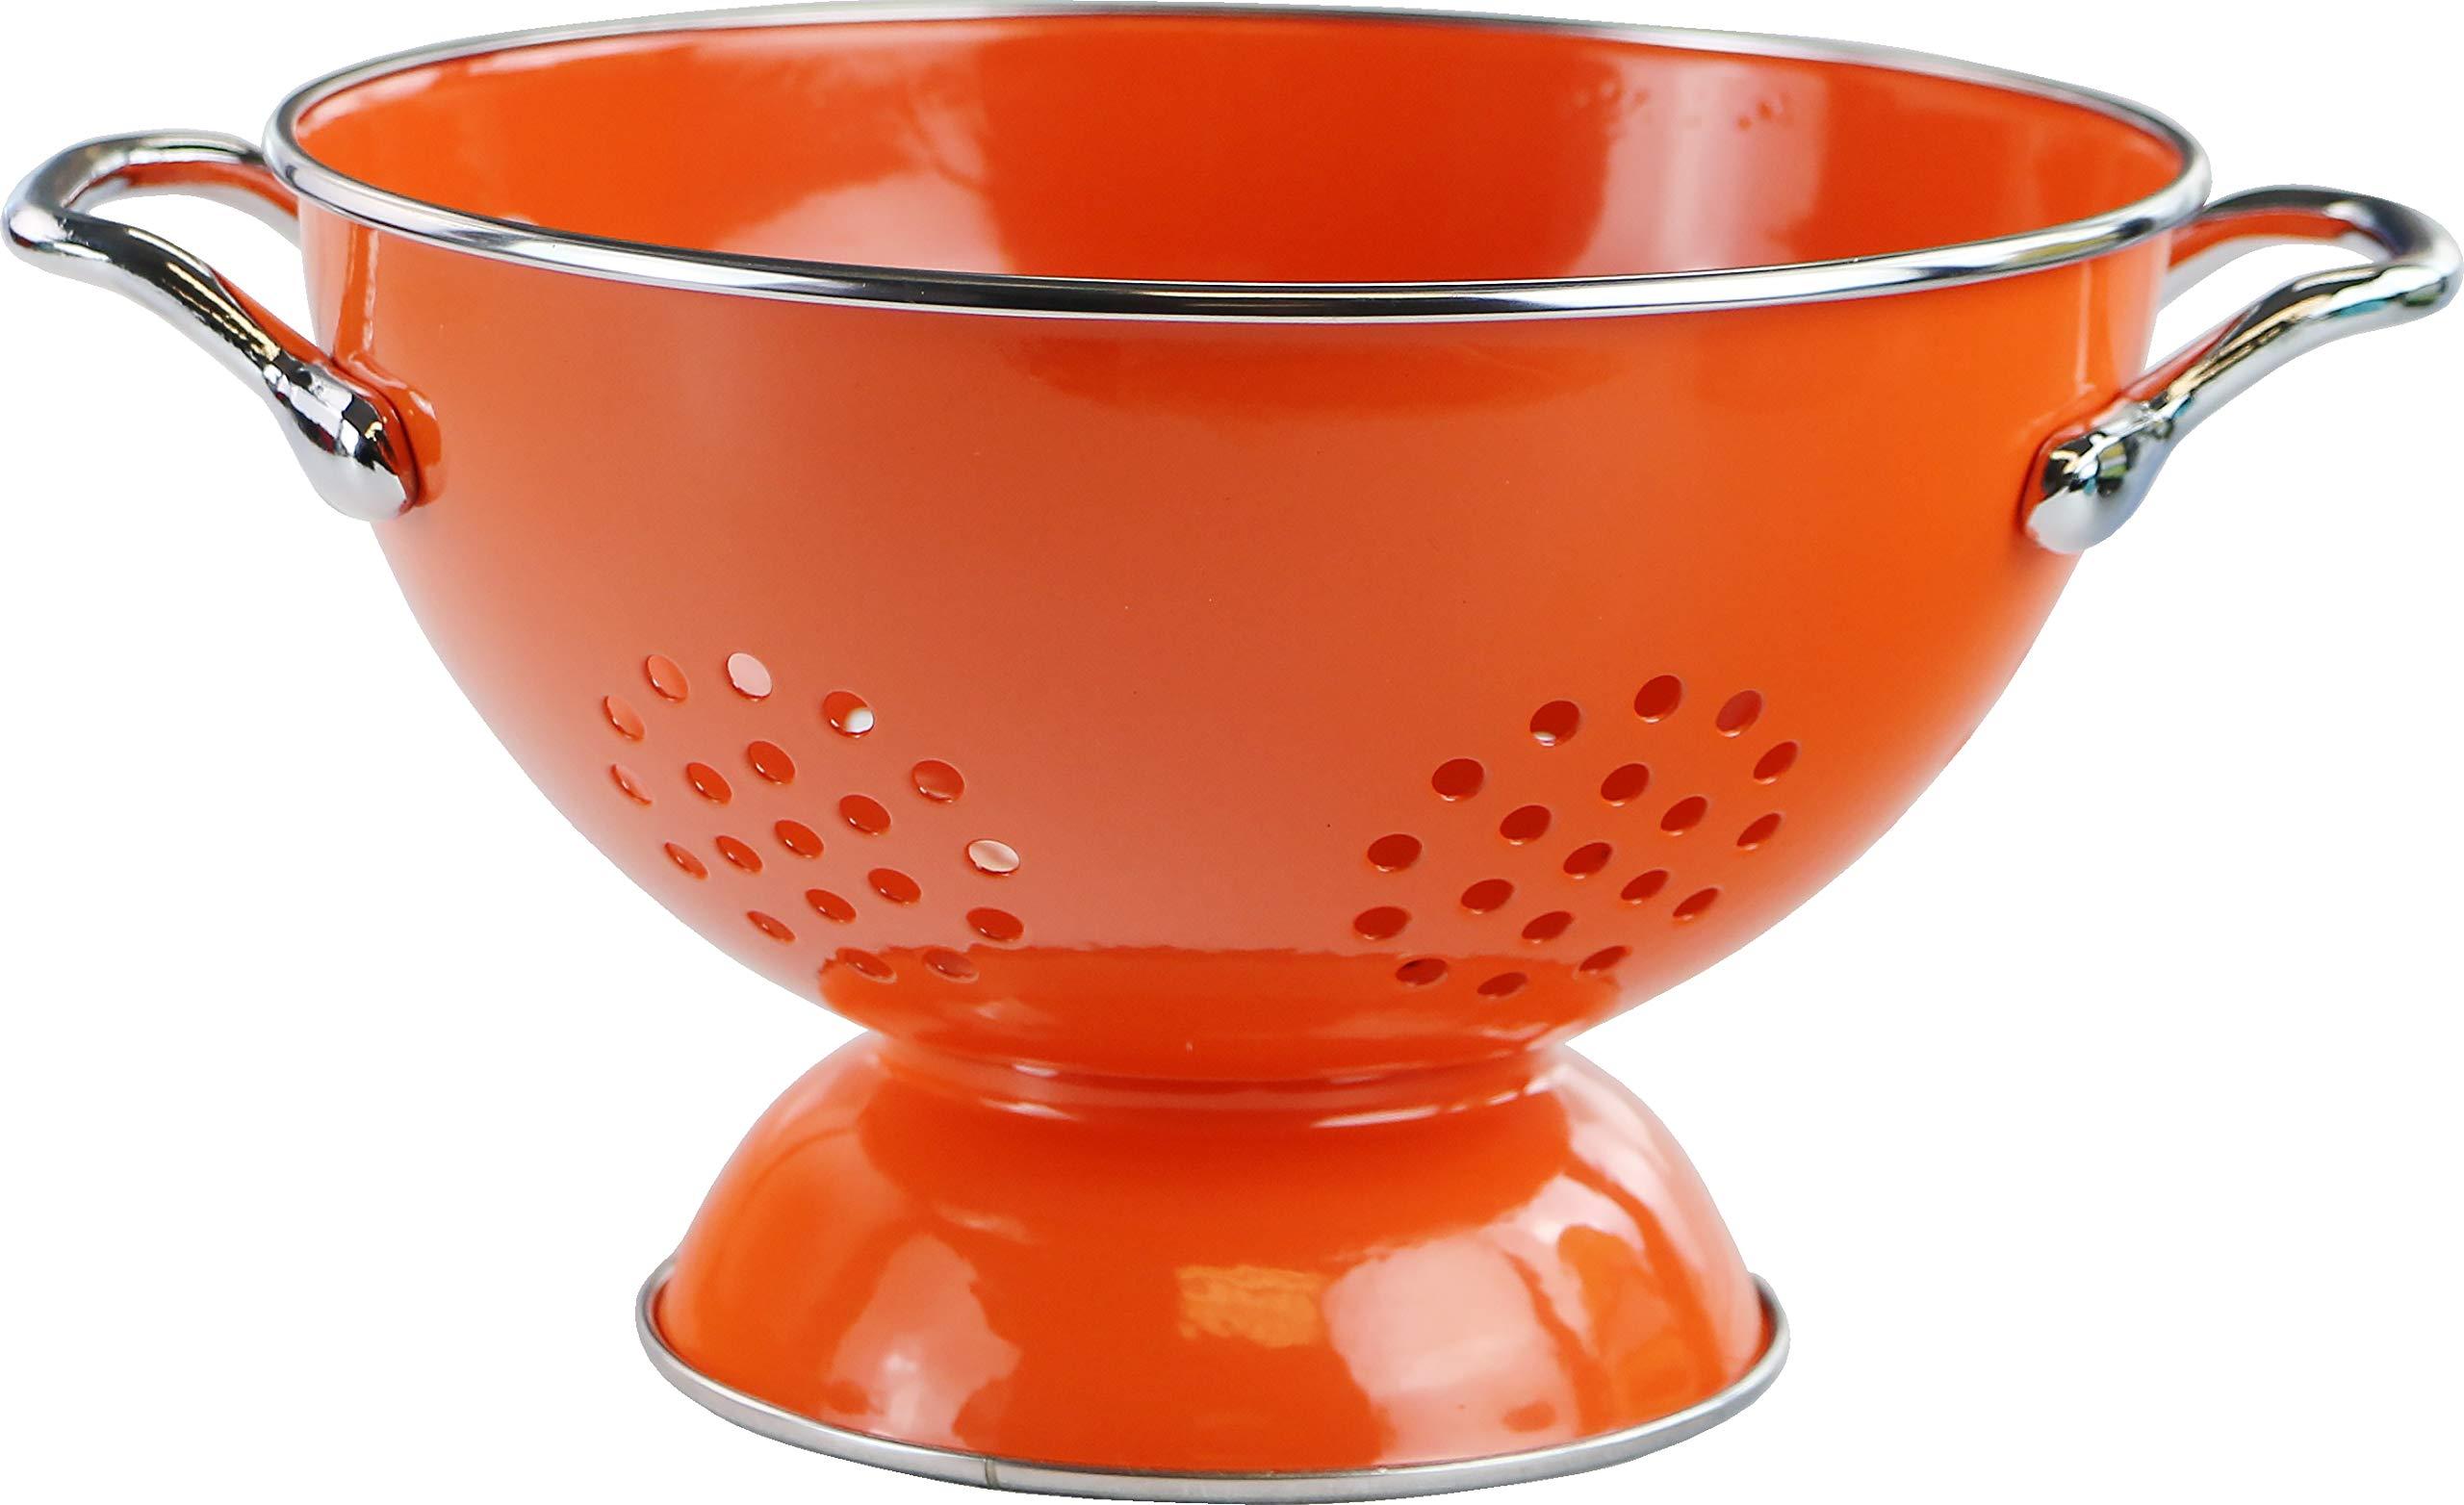 Calypso Basics by Reston Lloyd Powder Coated Enameled Colander, 1.5 Quart, Orange